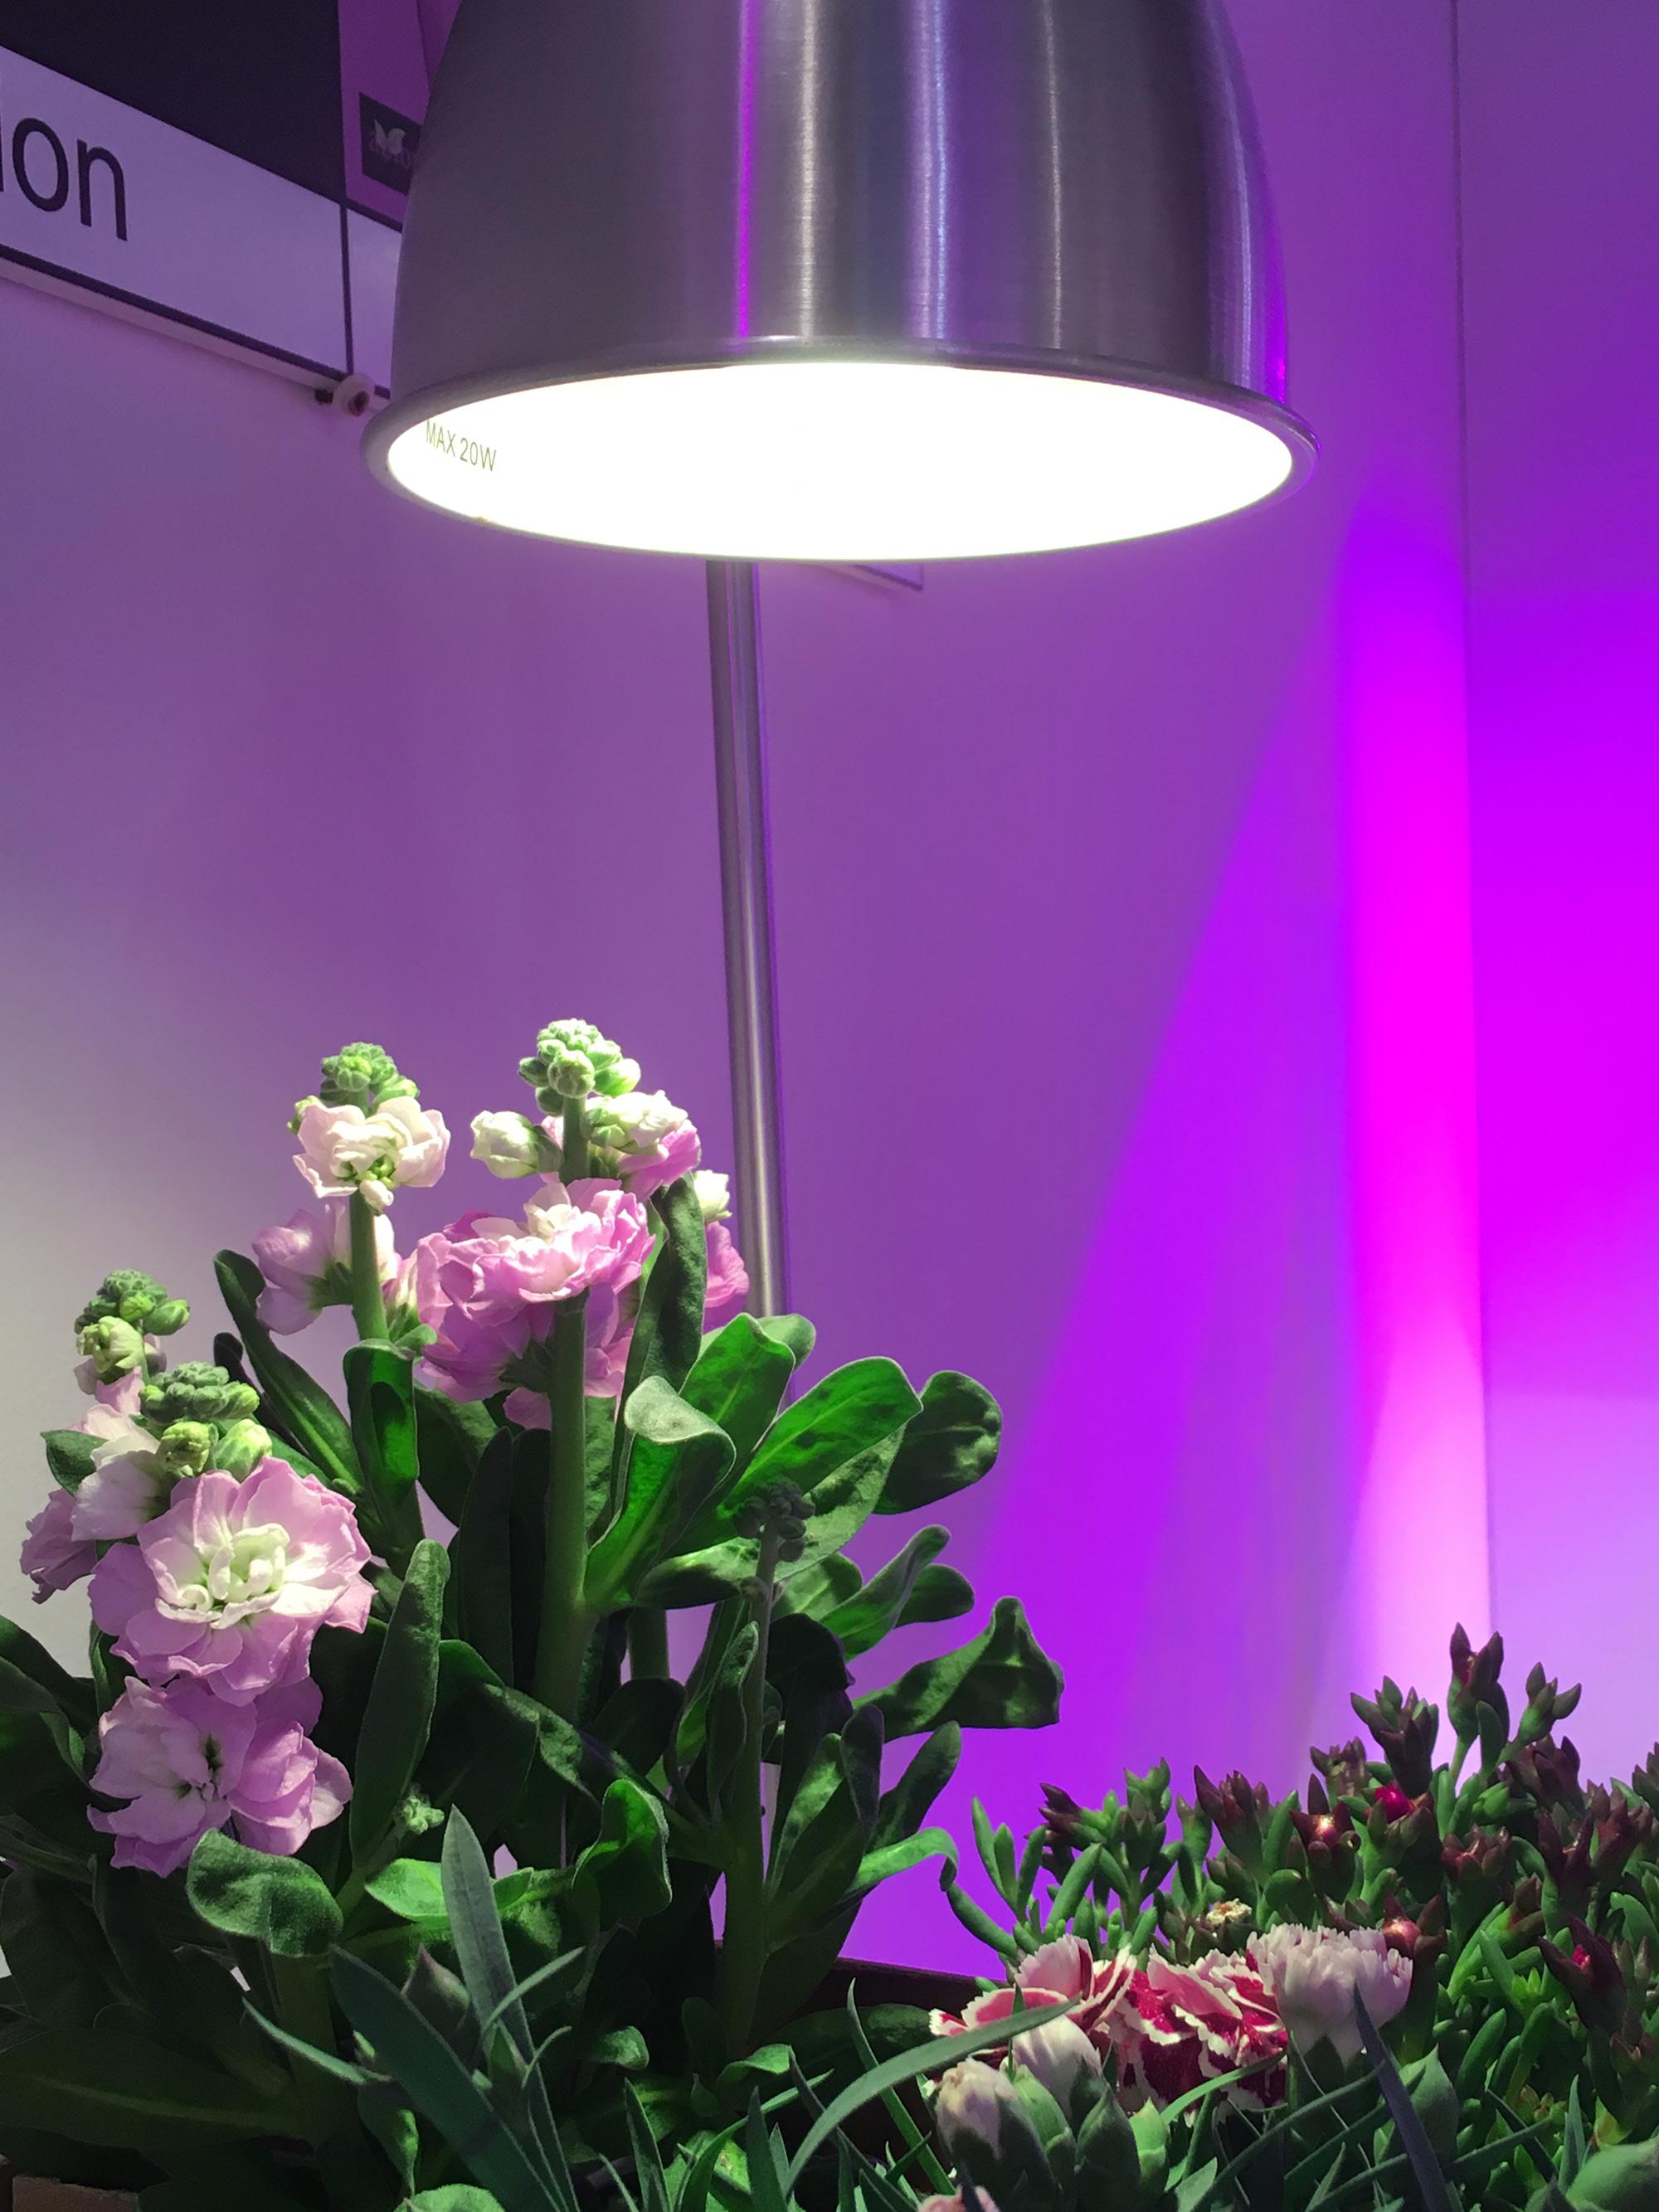 fra le luci per piante da interni come alternativa alla luce viola si può scegliere una lampadina a LED bianca | ©foto Sandra Longinotti